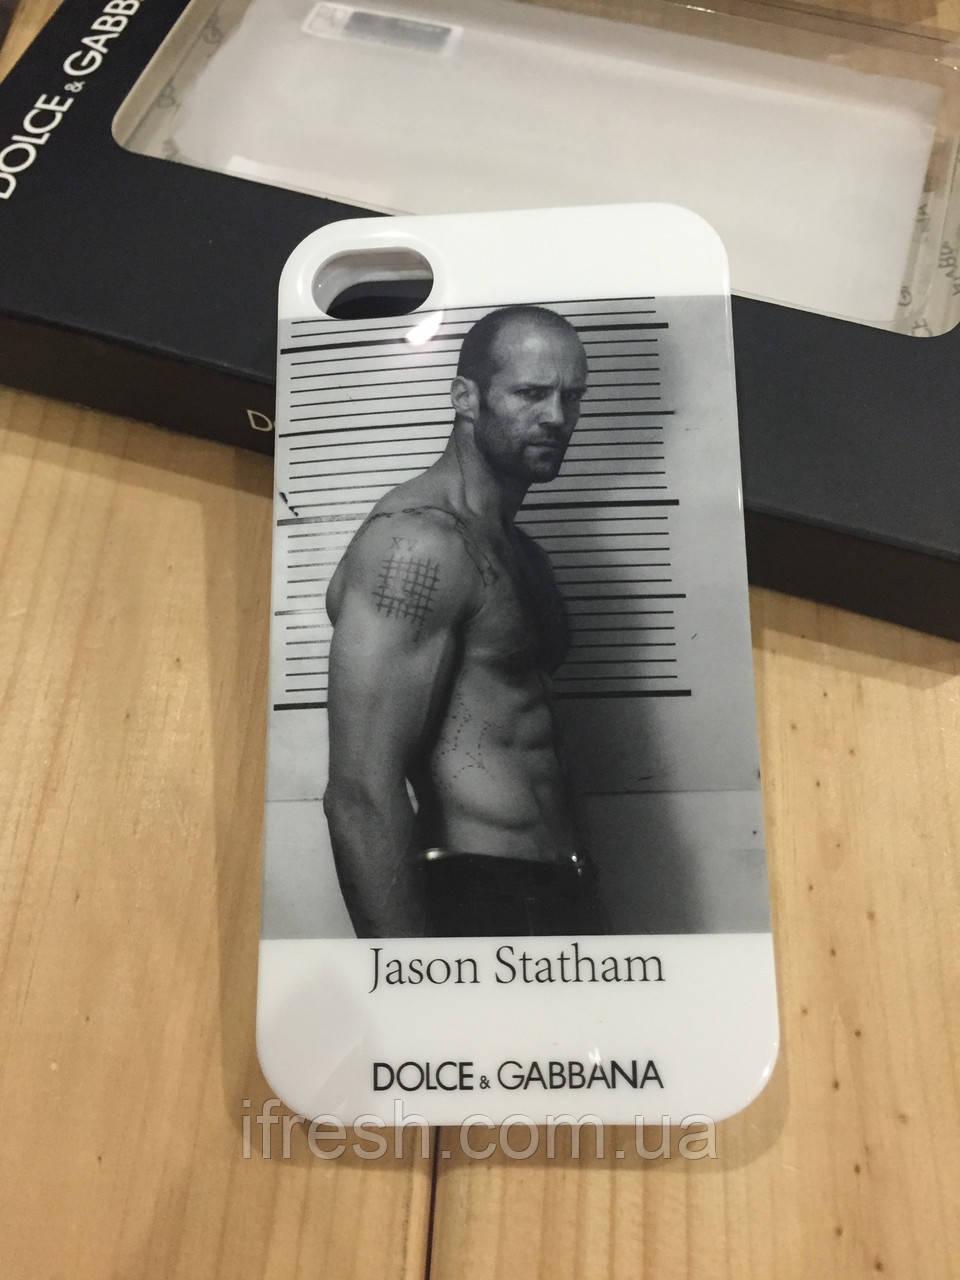 Чехол D&G для iPhone 5se/5s/5, Jason Statham